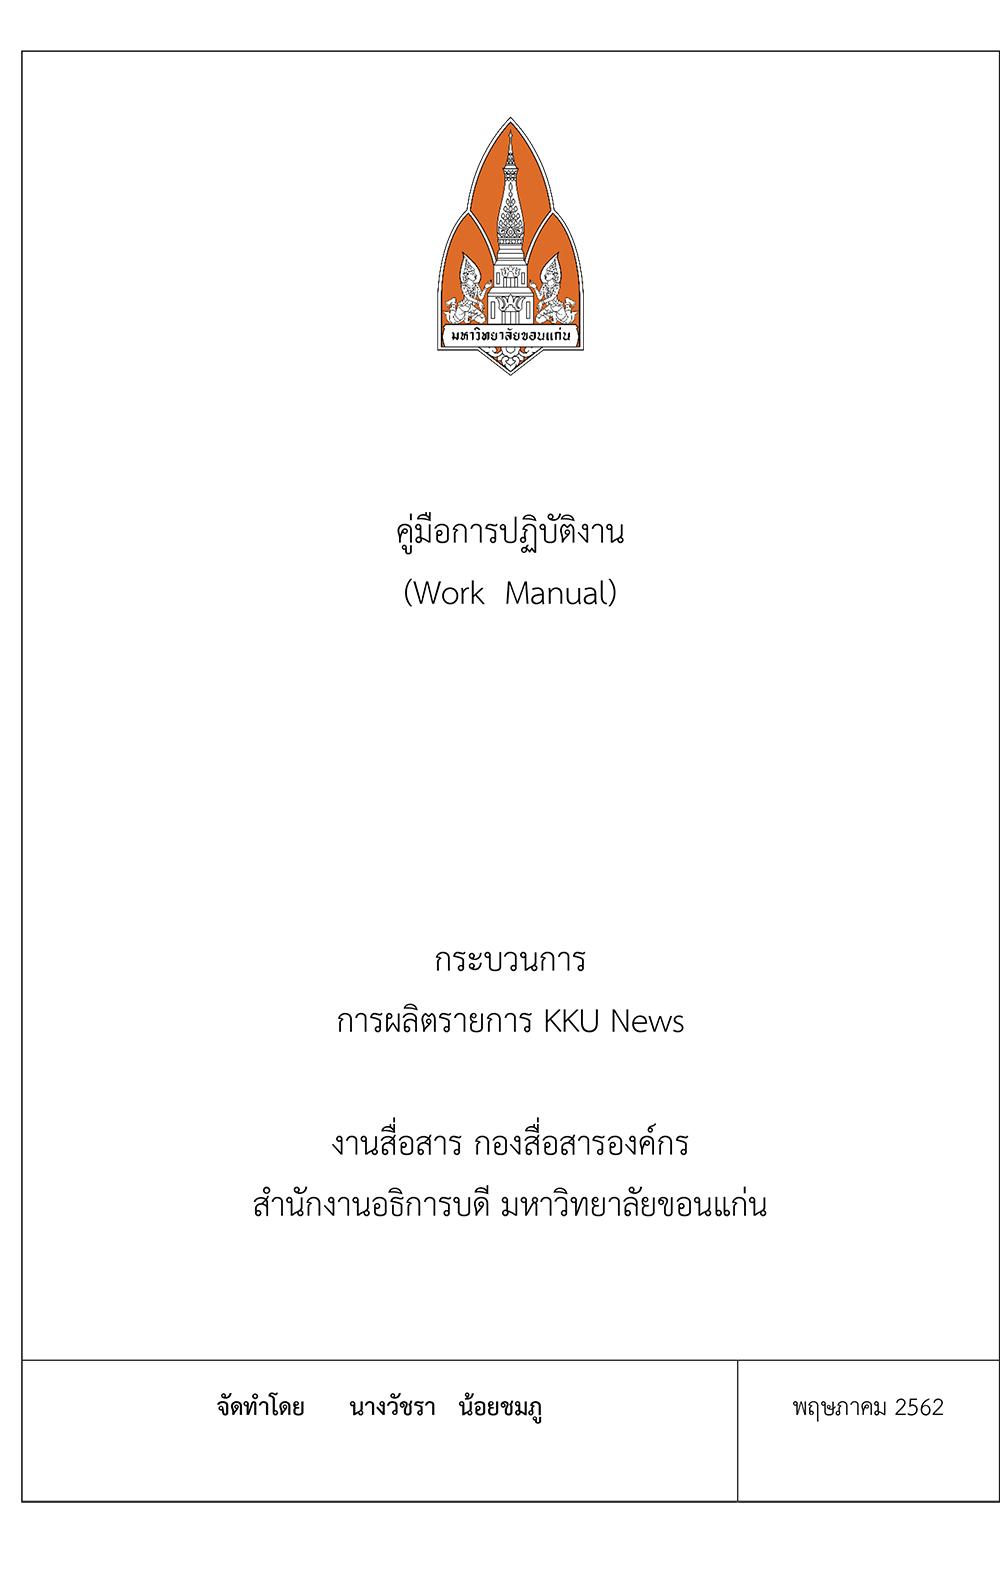 คู่มือการปฏิบัติงาน กระบวนการผลิตรายการ KKU News (2562) โดย นางวัชรา น้อยชมภู นักประชาสัมพันธ์ ชำนาญการ กองสื่อสารองค์กร สำนักงานอธิการบดี มหาวิทยาลัยขอนแก่น